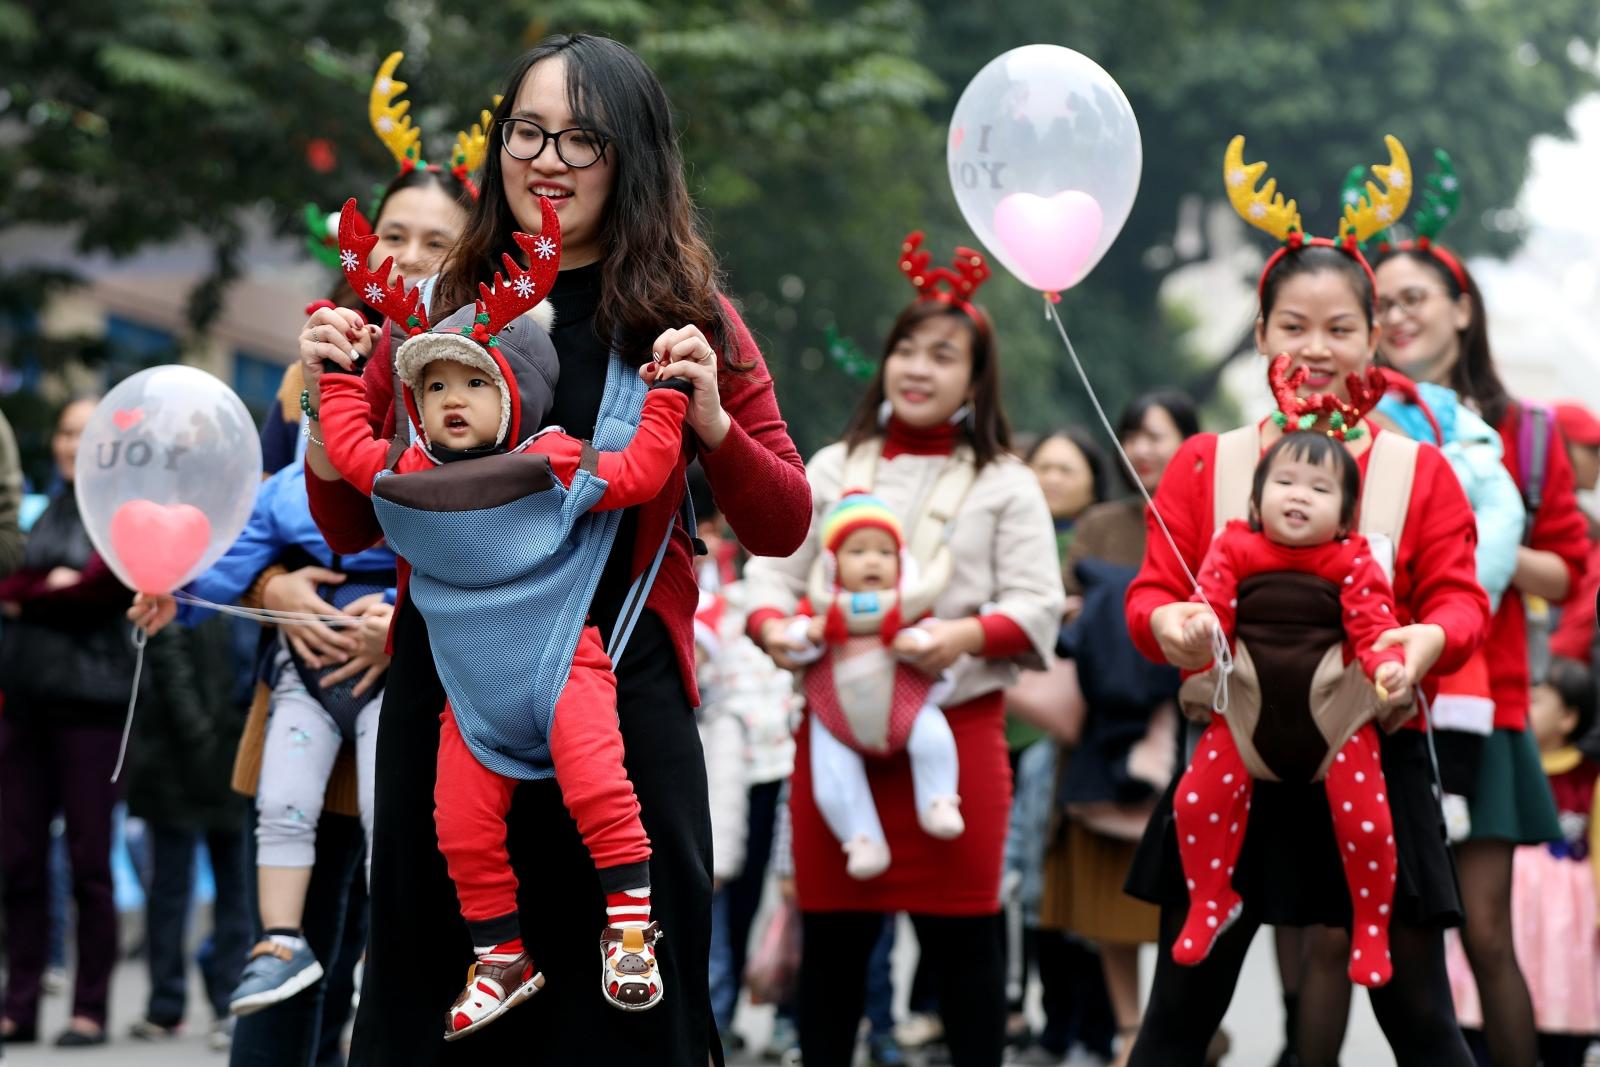 Celebrowanie świąt Bożego Narodzenia w Wietnamie. fot. EPA/LUONG THAI LINH